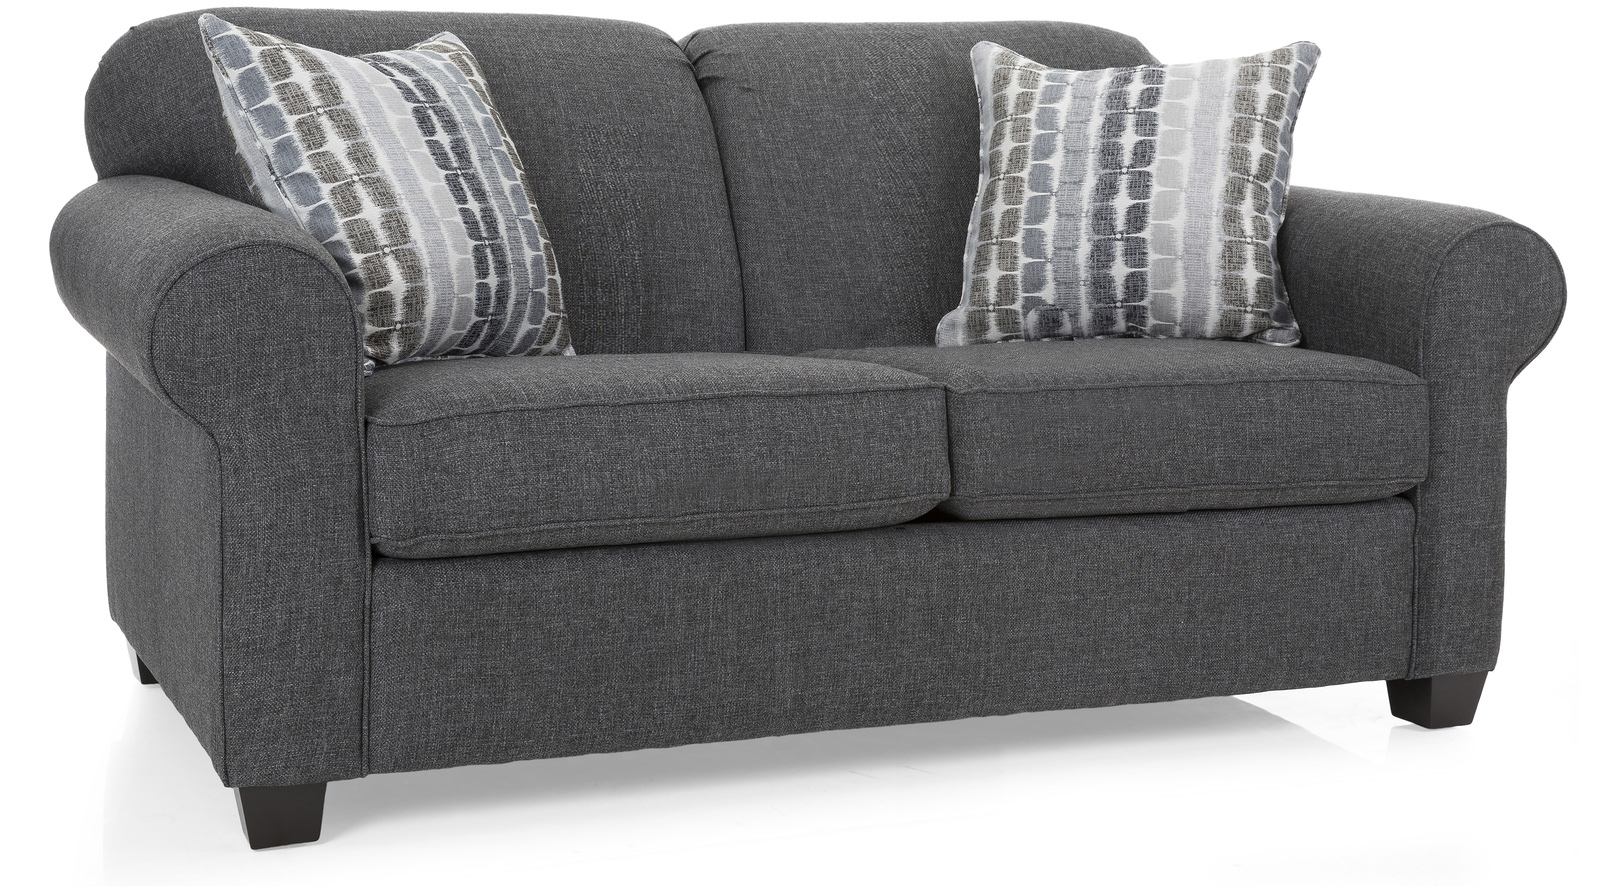 2455 Double Sofa Bed Sleeper